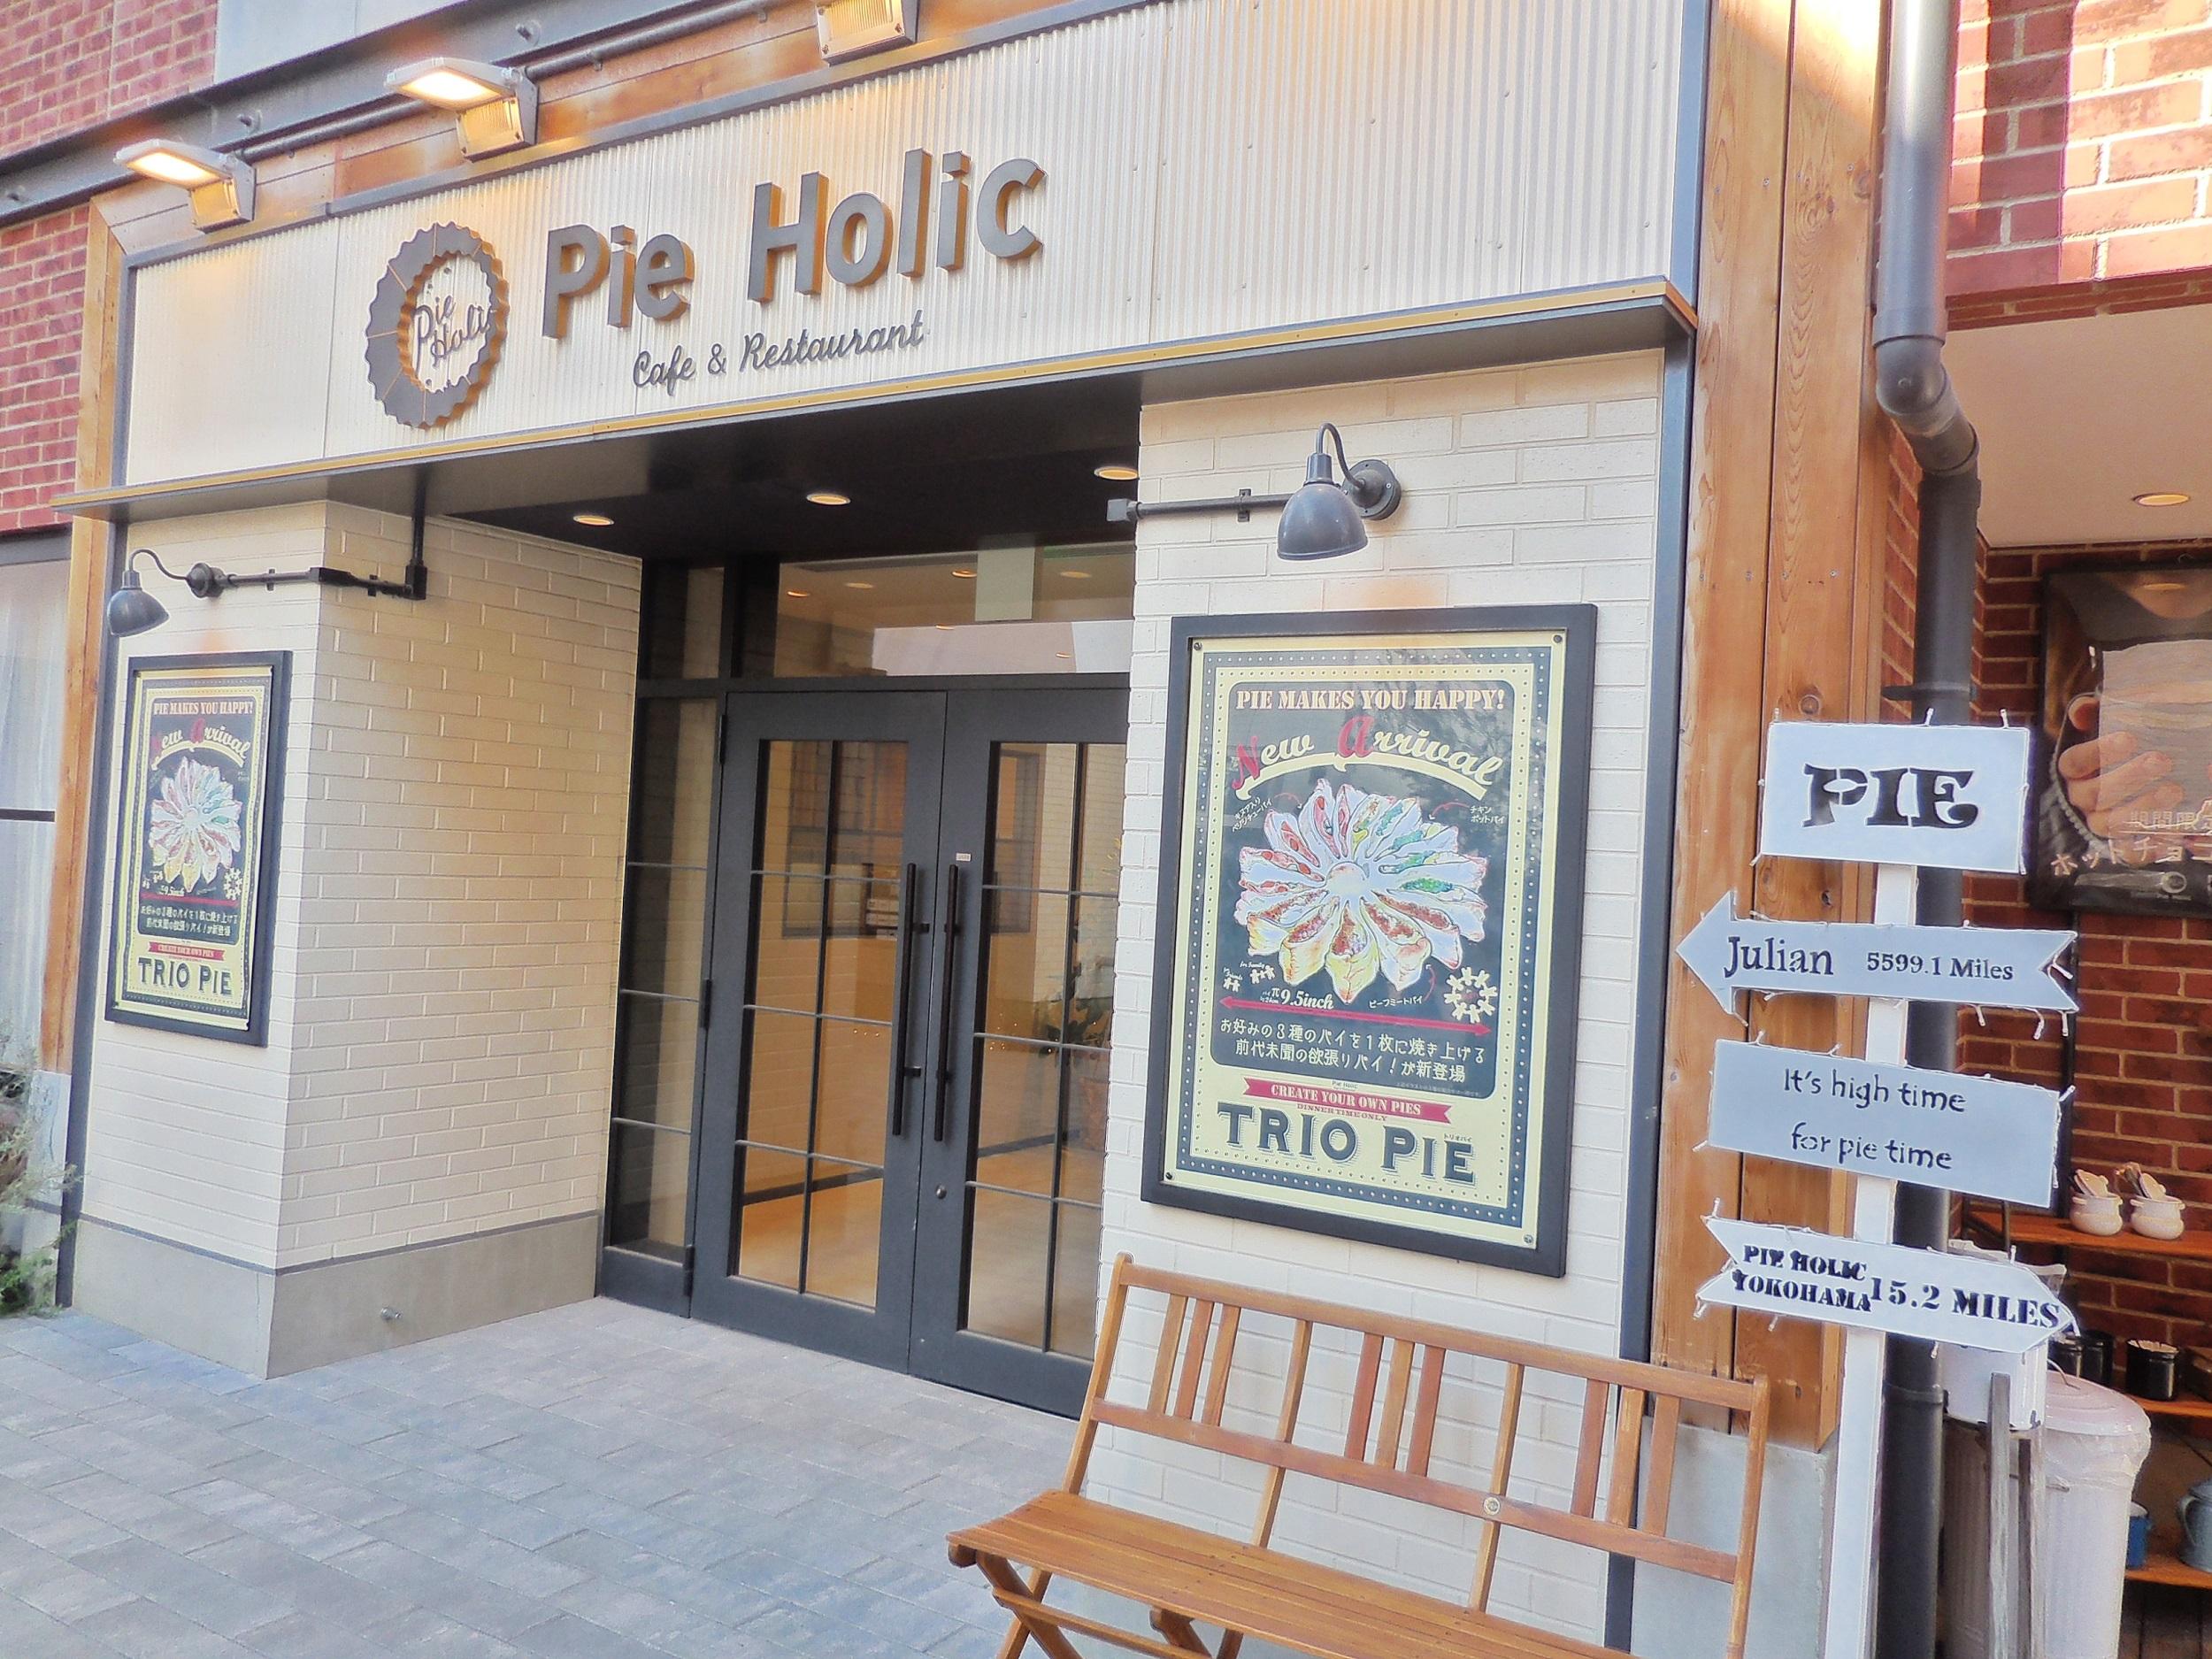 【パイ食べ放題】Pie・Holic_1